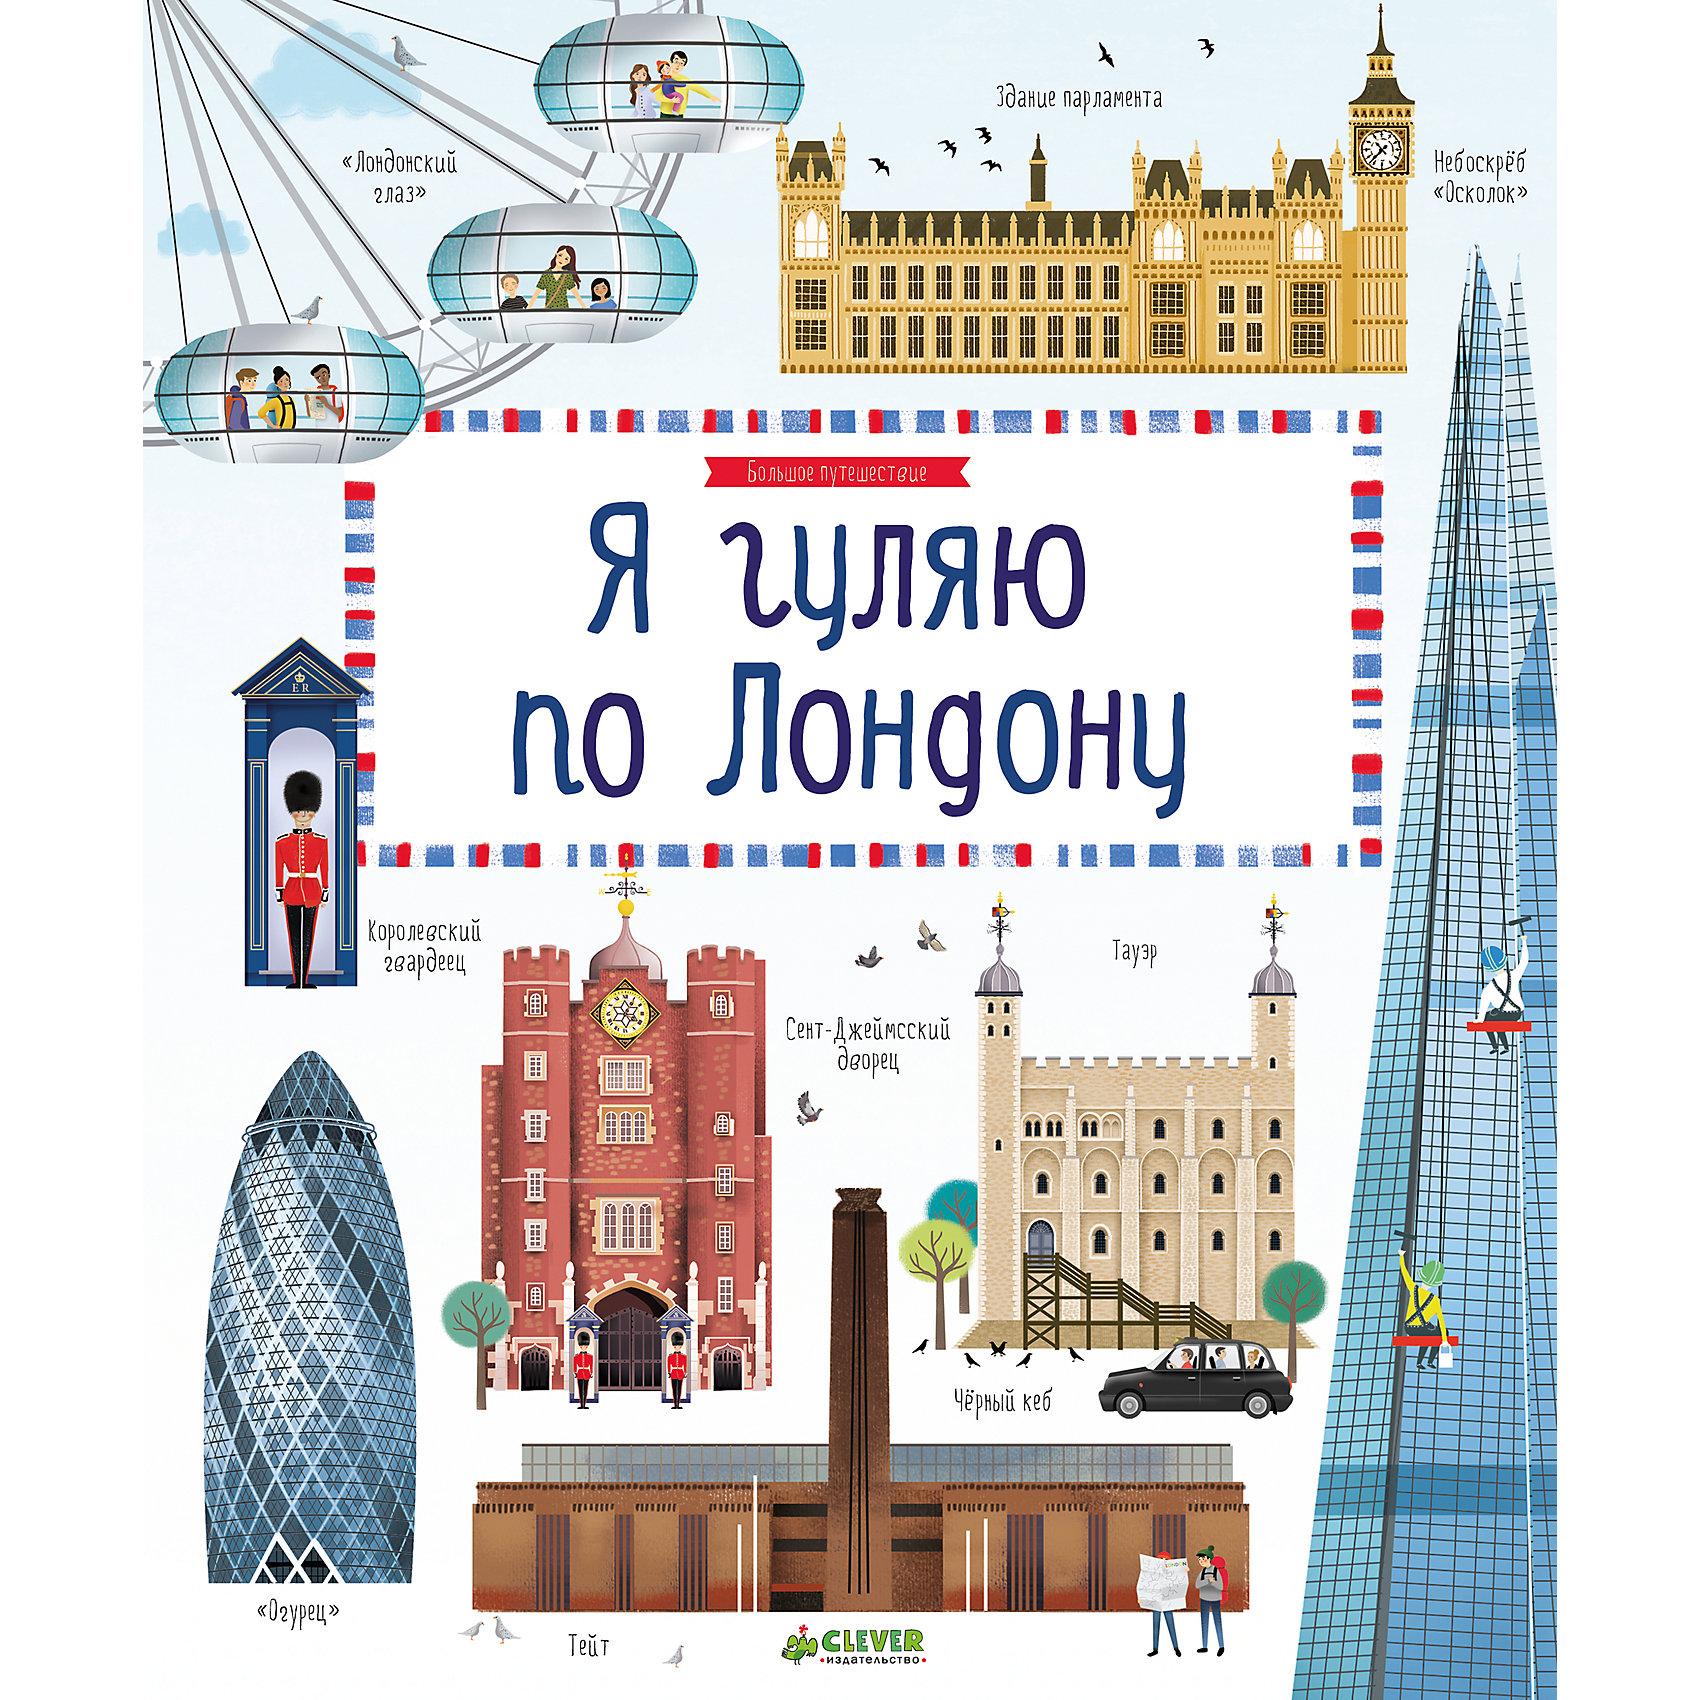 Я гуляю по Лондону, Дж. Р. ЛлойдДетские энциклопедии<br>Я гуляю по Лондону, Дж. Р. Ллойд.<br><br>Характеристики:<br><br>- Издательство: Клевер-Медиа-Групп.<br>- Серия: Большое путешествие<br>- Размеры: 285х240х8 мм.<br>- Цветная печать.<br>- Вес: 350г. <br><br>Лондон - один из самых красивых и интересных городов мира. Посетите старинные замки, полюбуйтесь чудесными видами на Темзу, побывайте на самых высоких небоскребах, узнайте, кто такой бифитер и где в Лондоне можно повстречать королеву! Совершите экскурсию по Лондону, не выходя из дома!<br><br>Я гуляю по Лондону, Дж. Р. Ллойд, можно купить в нашем интернет – магазине.<br><br>Ширина мм: 285<br>Глубина мм: 240<br>Высота мм: 8<br>Вес г: 350<br>Возраст от месяцев: 48<br>Возраст до месяцев: 72<br>Пол: Унисекс<br>Возраст: Детский<br>SKU: 5377758